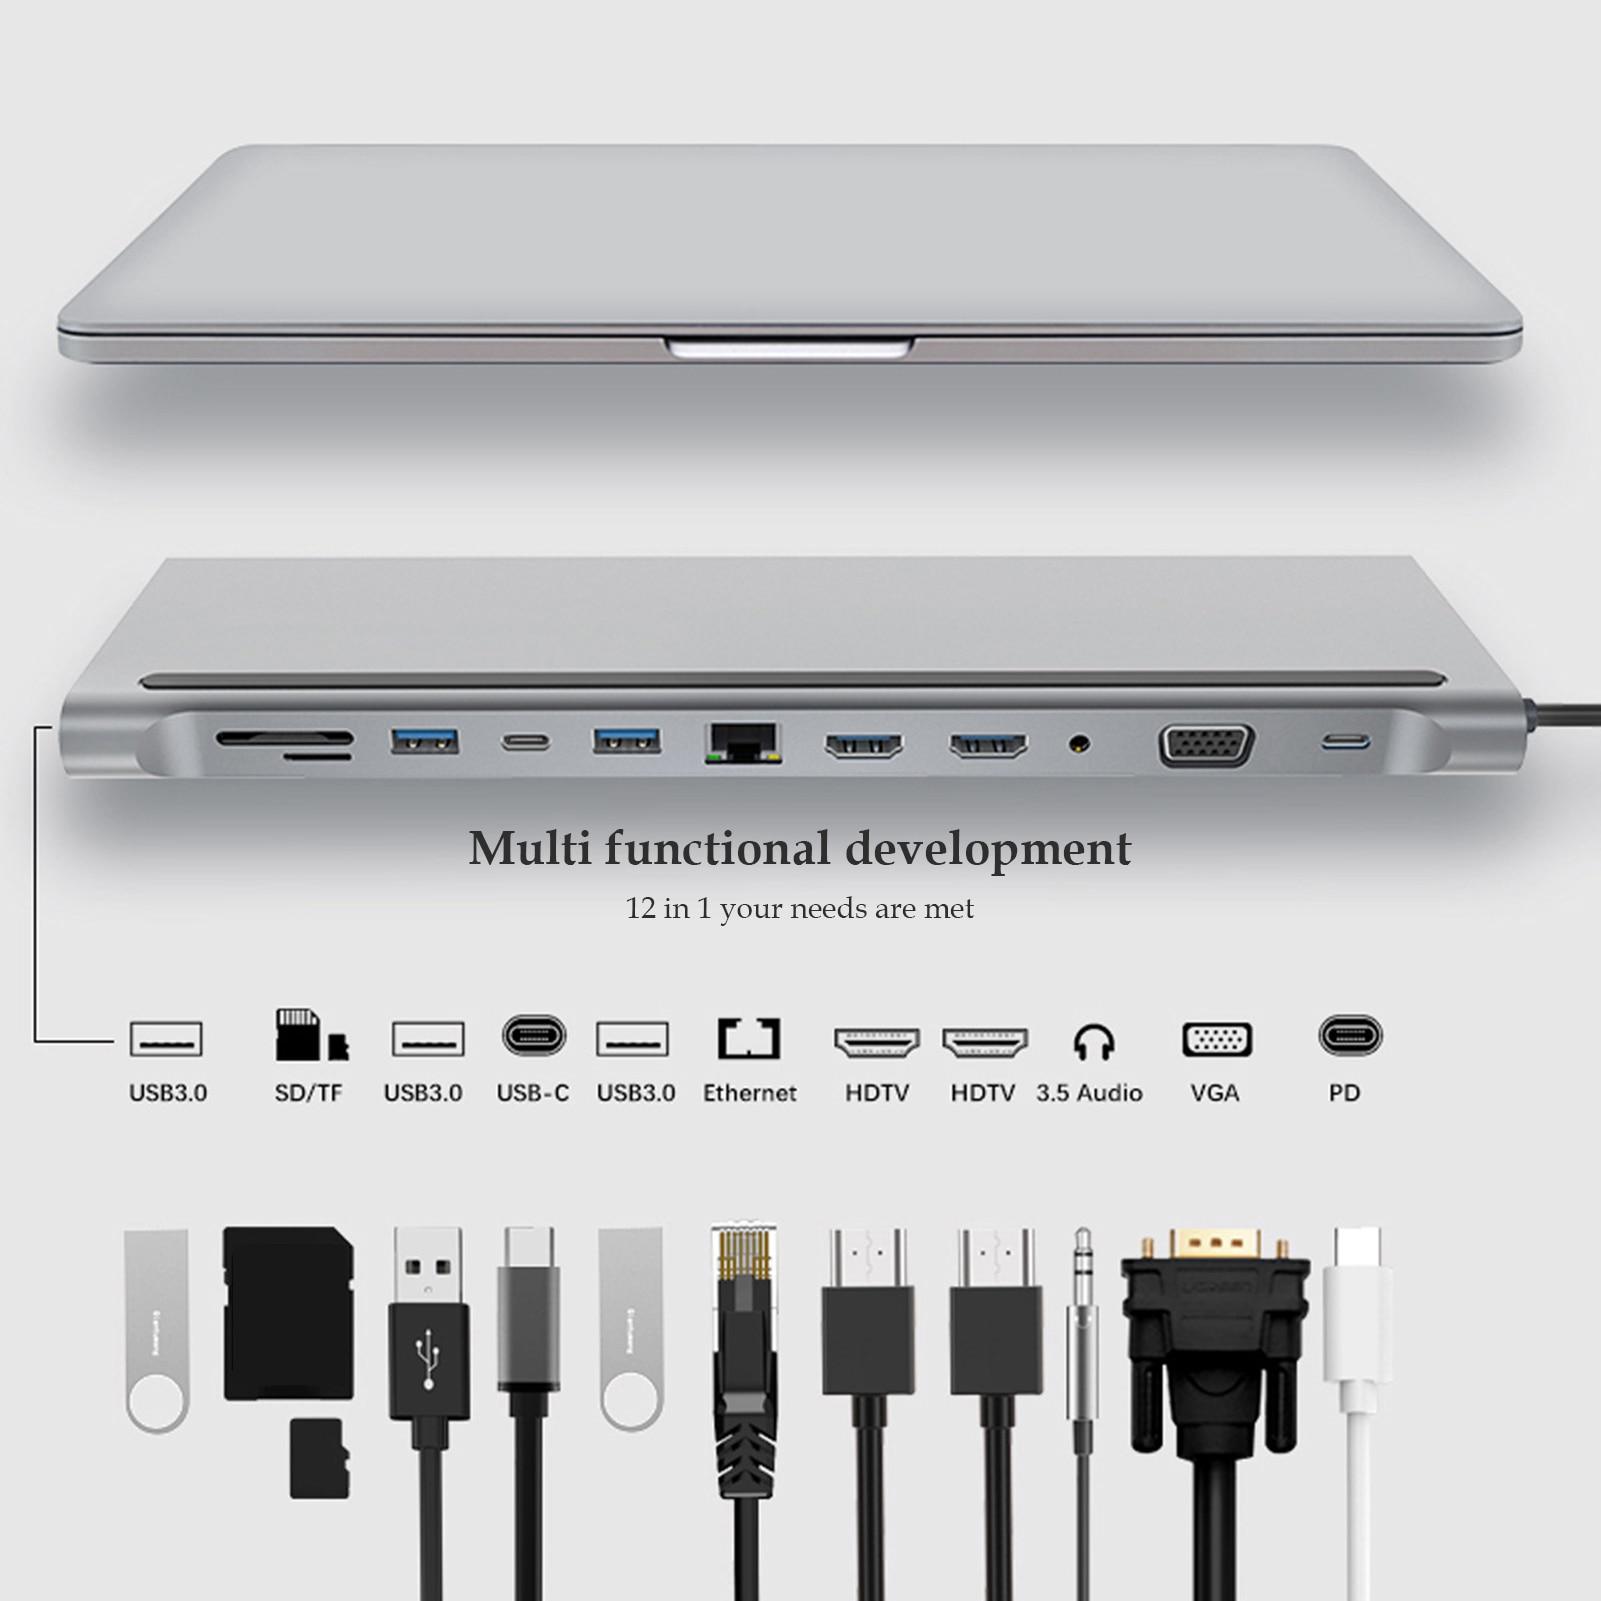 جديد 12 في 1 USB C محطة الإرساء المزدوجة HDMI RJ45 VGA محول متعدد المنافذ دونغل لأجهزة الكمبيوتر المحمول ماك بوك ديل XPS Hp ثينك باد